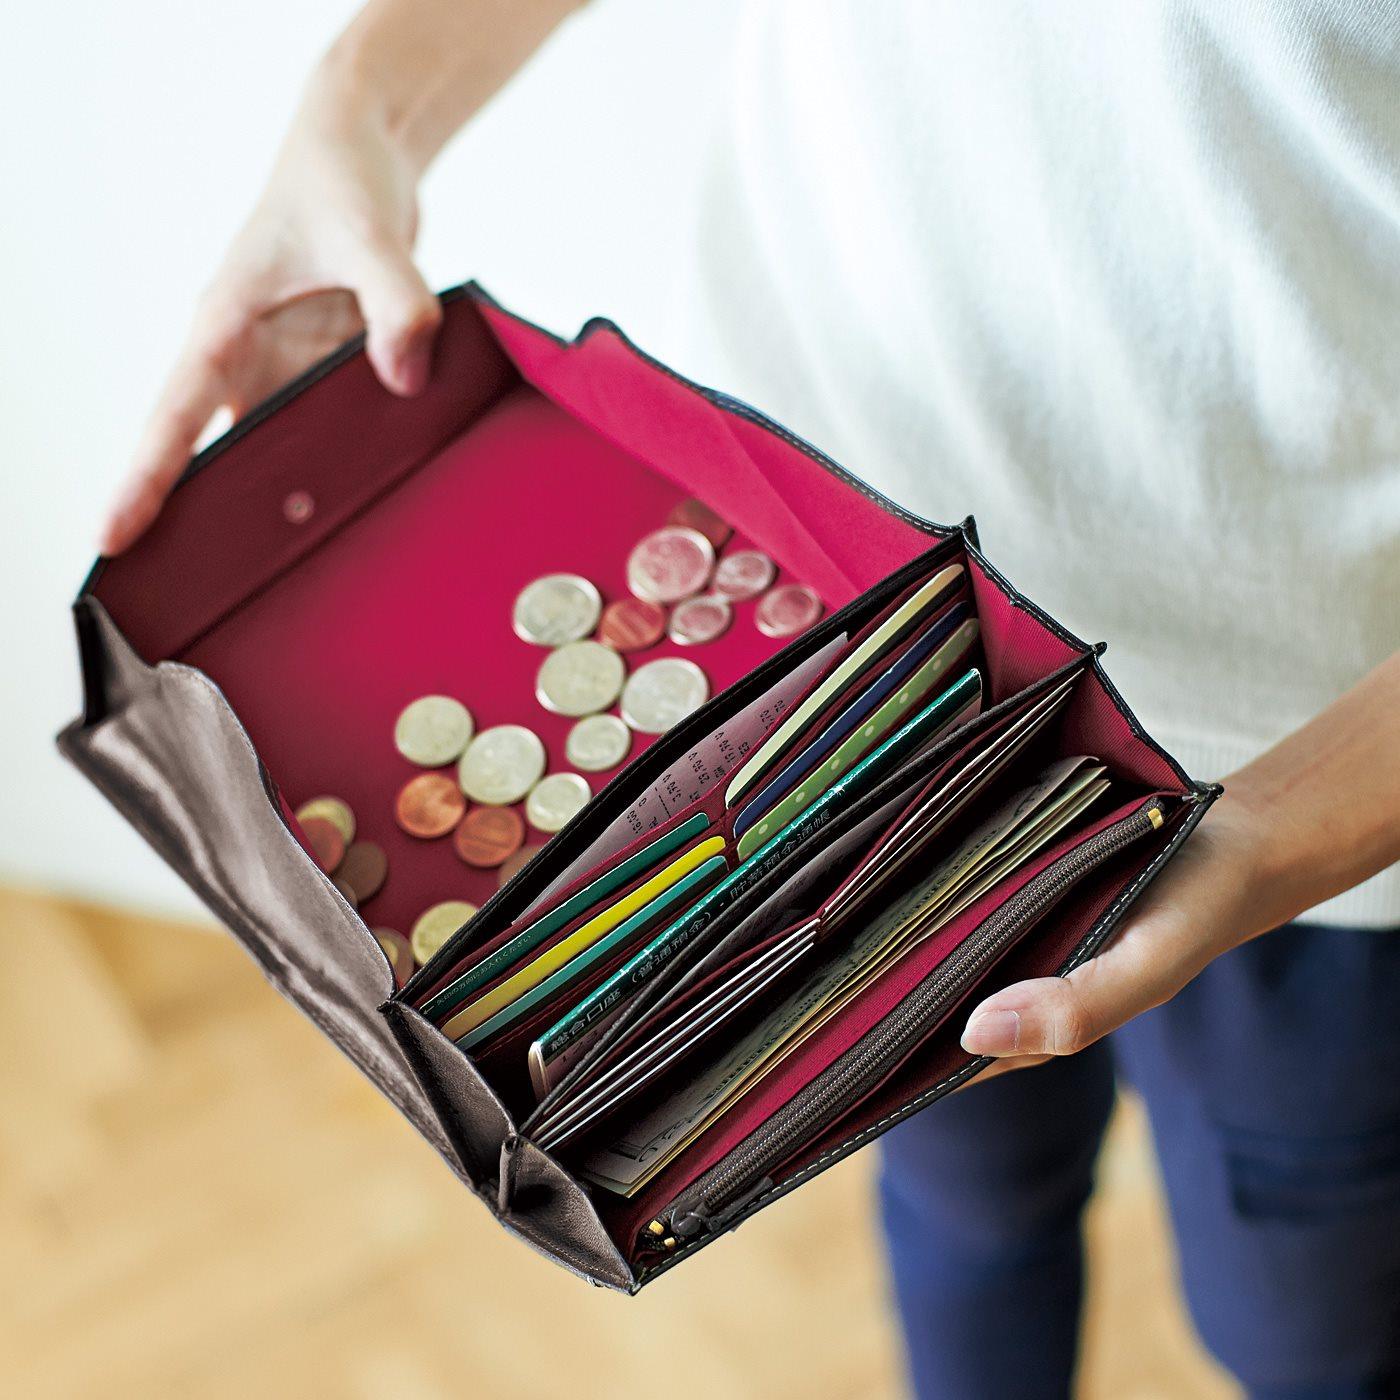 大きく開いて中身がひとめでわかる、ギャルソンウォレット仕様の小銭入れ。 カードポケットは14個。内外4つのオープンポケットは、レシートやチケット類の収納に。 外側にもオープンポケットがひとつ。